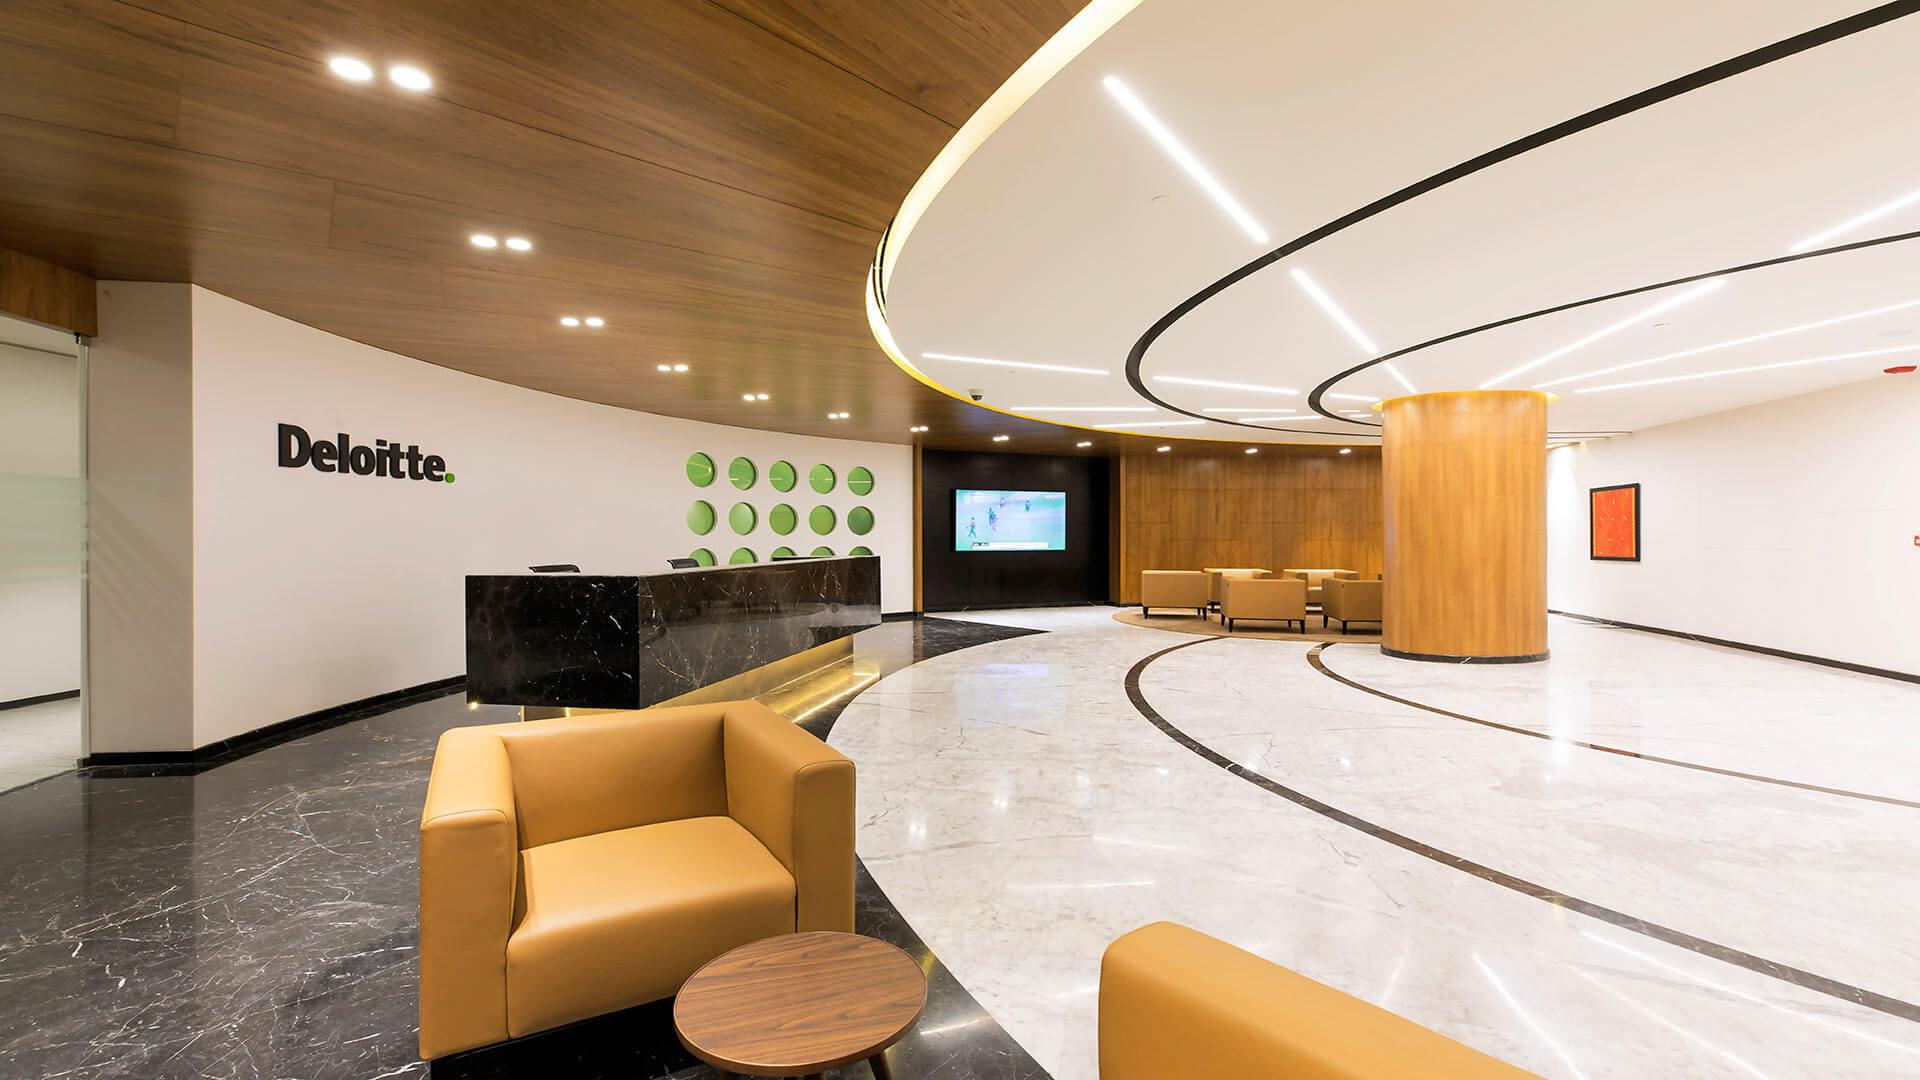 Deloitte_Interiors_02